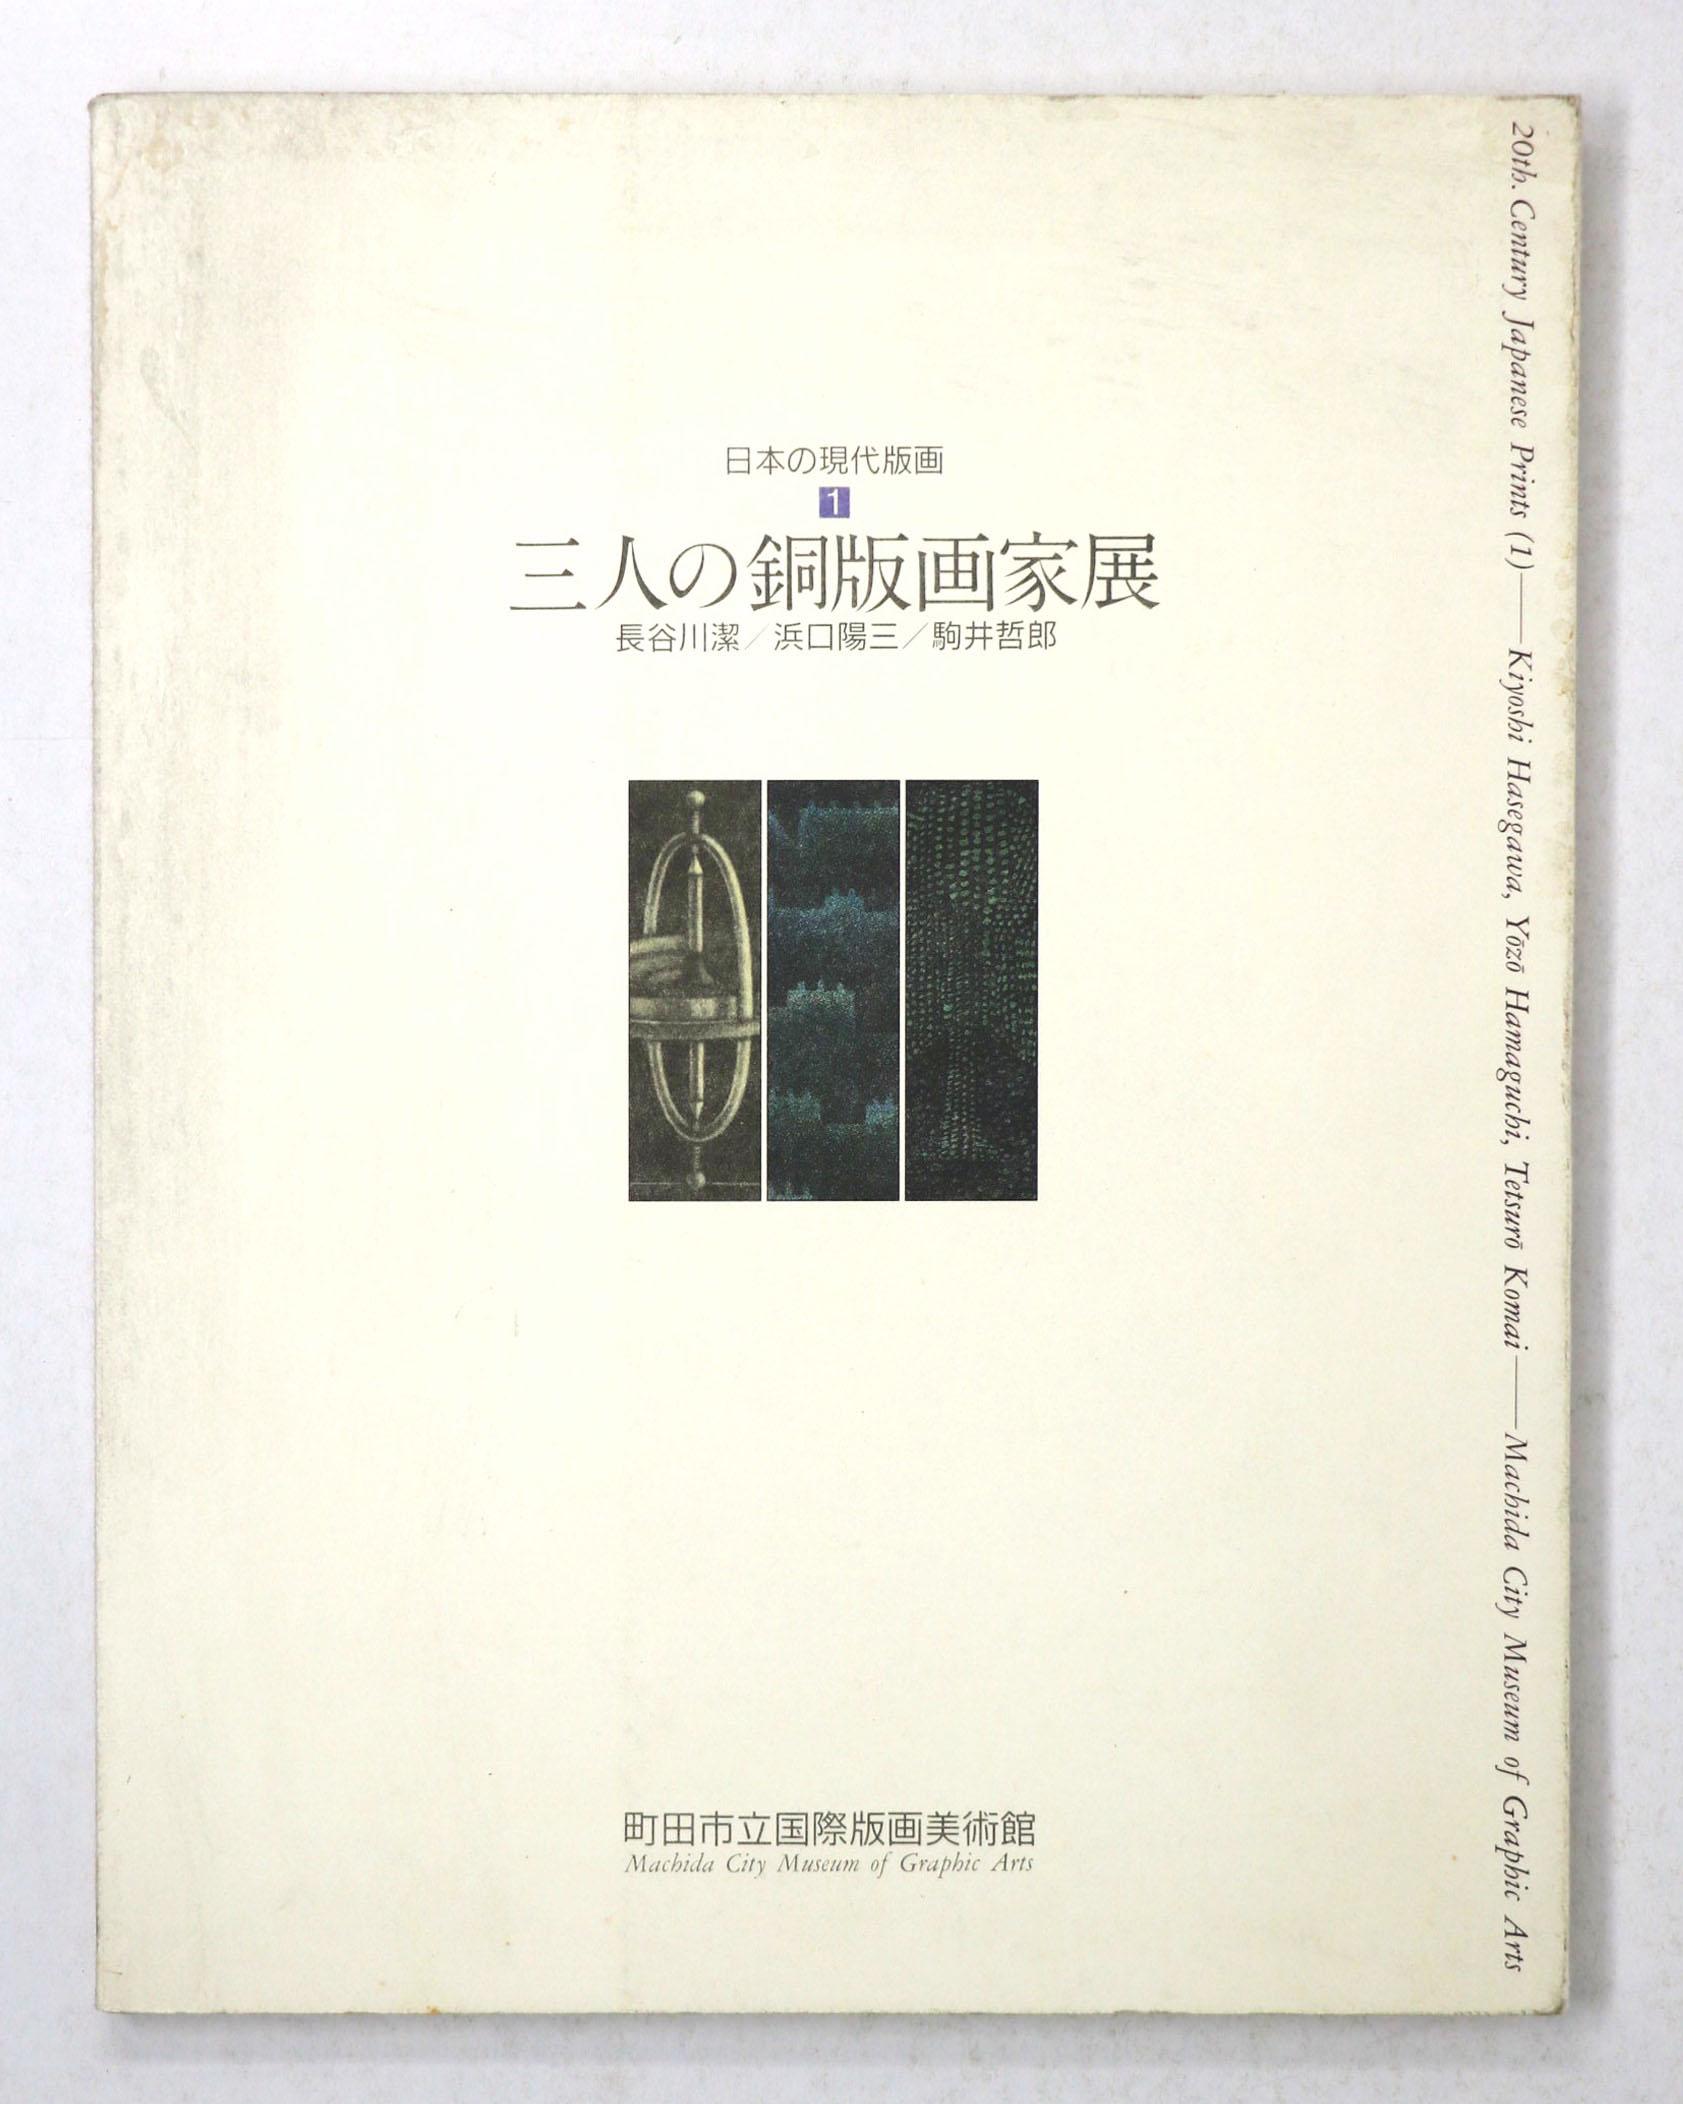 日本の現代版画1 三人の銅版画家展 長谷川潔/浜口陽三/駒井哲郎